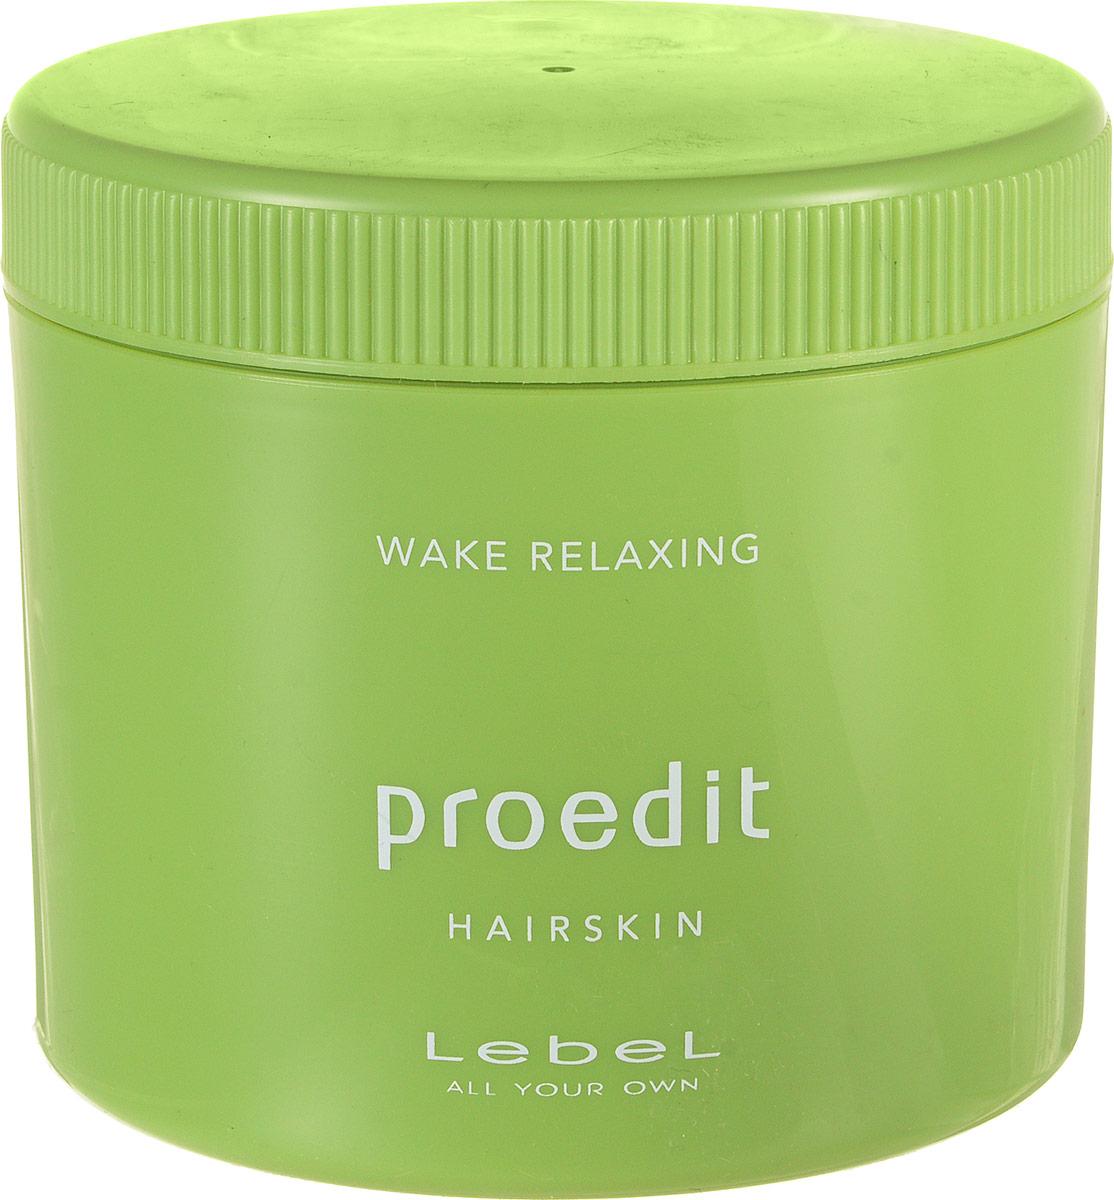 Lebel Proedit Крем для волос Пробуждение Hairskin Wake Relaxing 360 г3785лпКрем для волос «Пробуждение» Lebel Proedit Hairskin: Стимулирует рост волос. Снимает мышечное напряжение кожи головы.Придаёт волосам эластичность, гладкость, блеск.Делает волосы послушными, податливыми укладке. Идеален для жёстких и сухих волос.SPF 10.